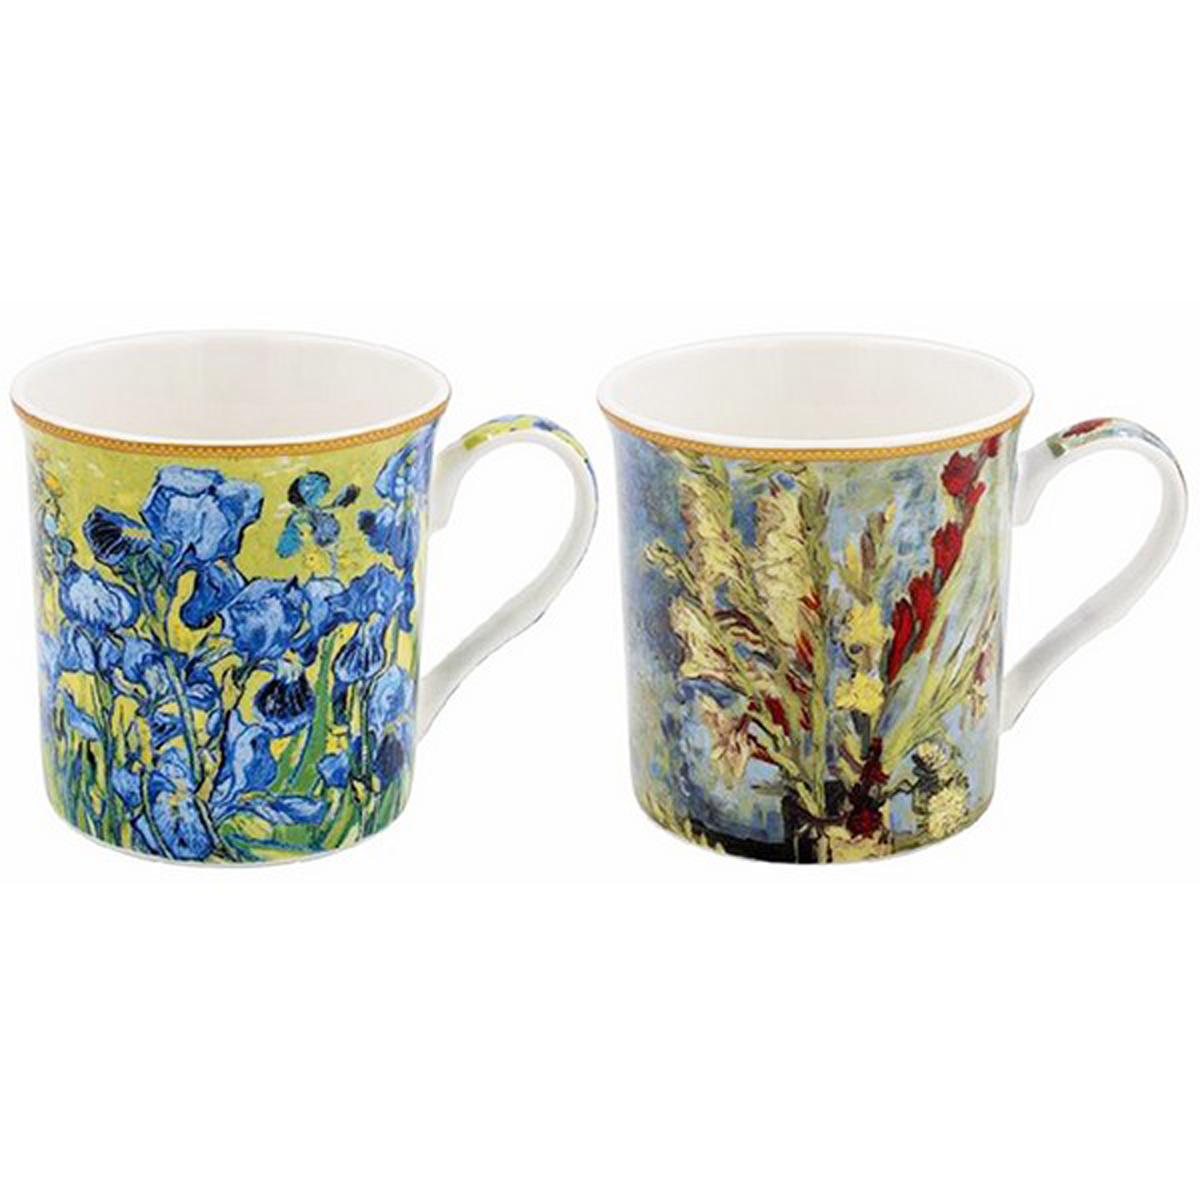 Coffret cadeau porcelaine \'Vincent Van Gogh\' (2 mugs) - 85x85 mm (iris) - [A0200]